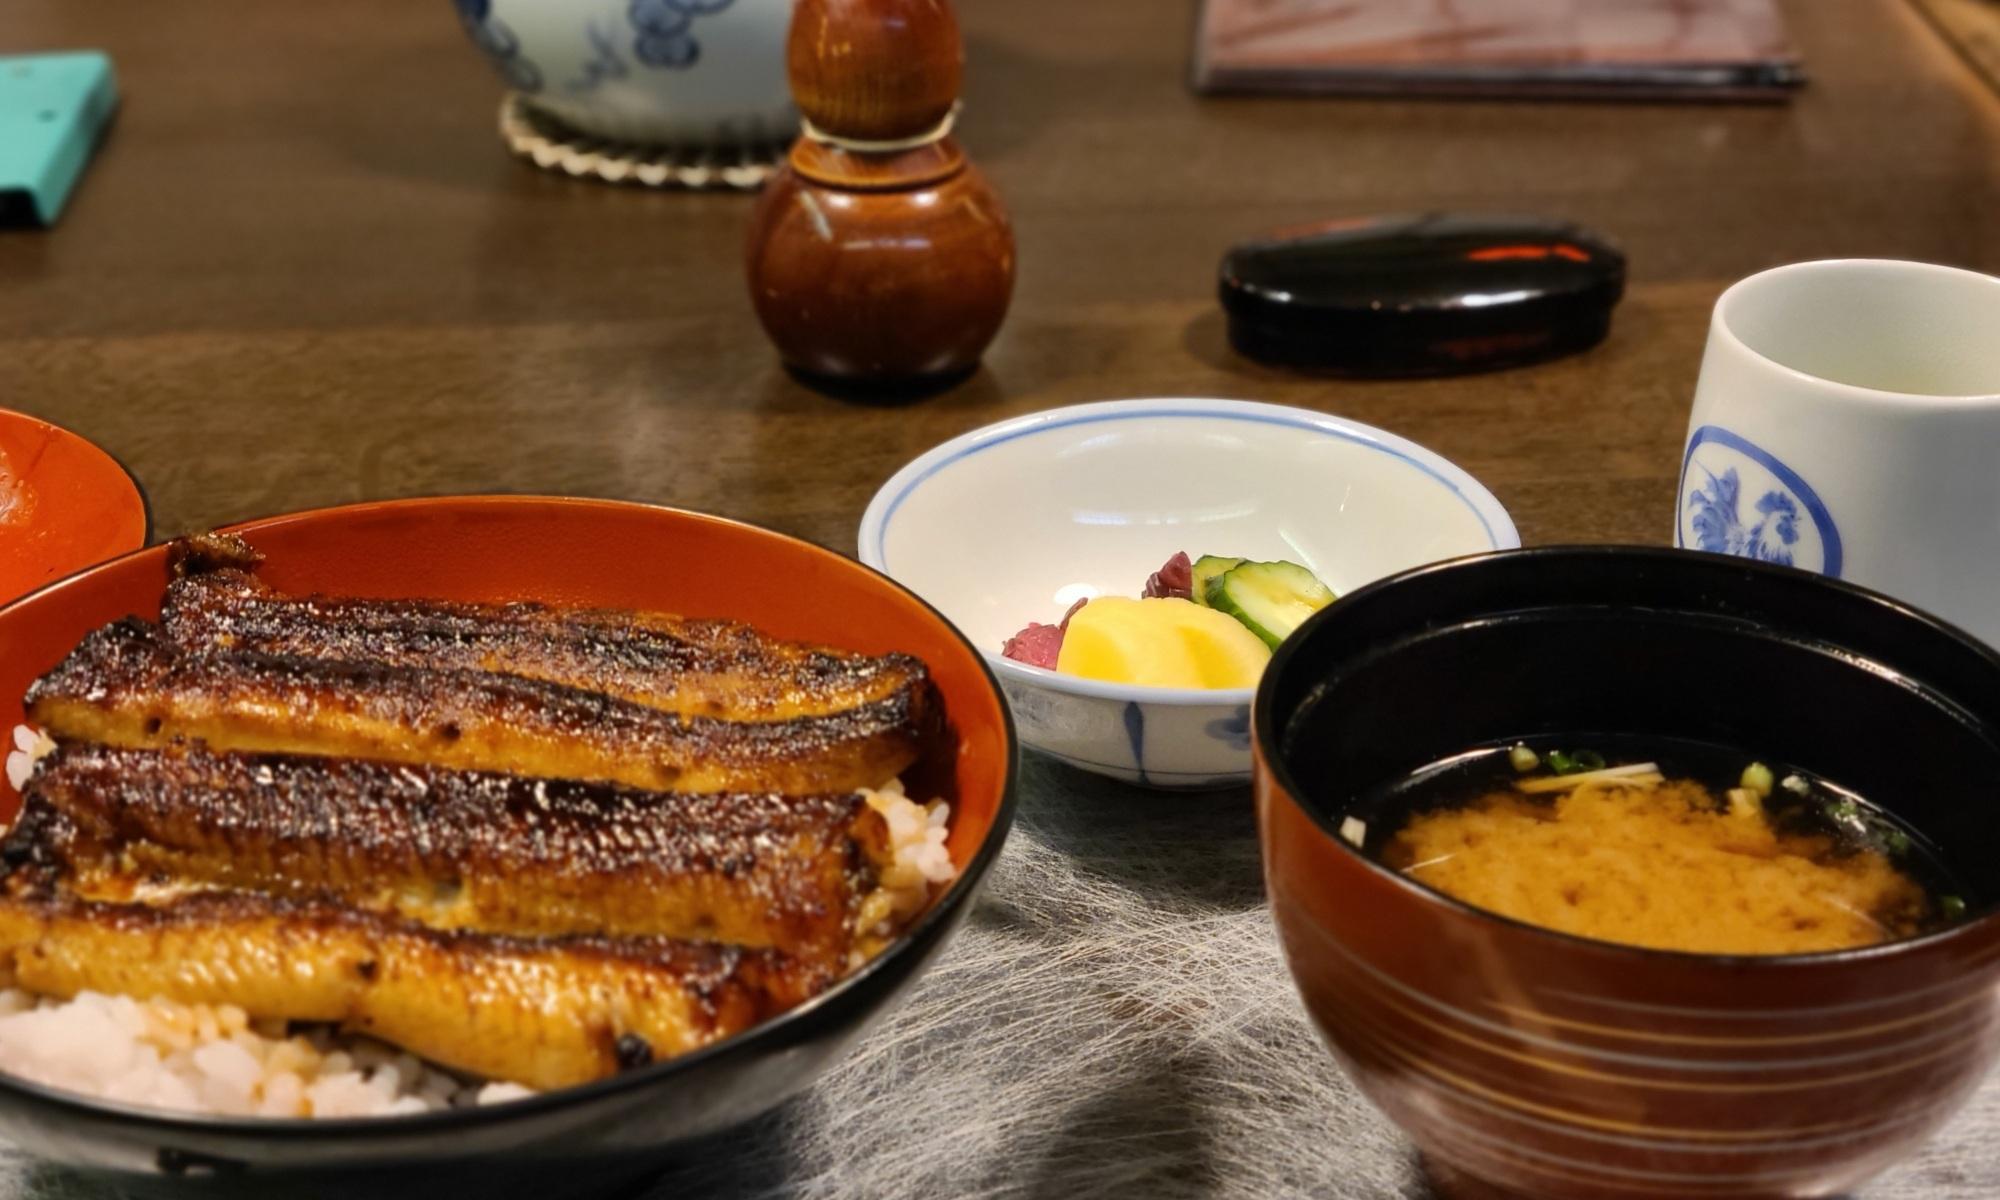 テーブルに鰻丼とみそ汁、漬物が並んでいます。